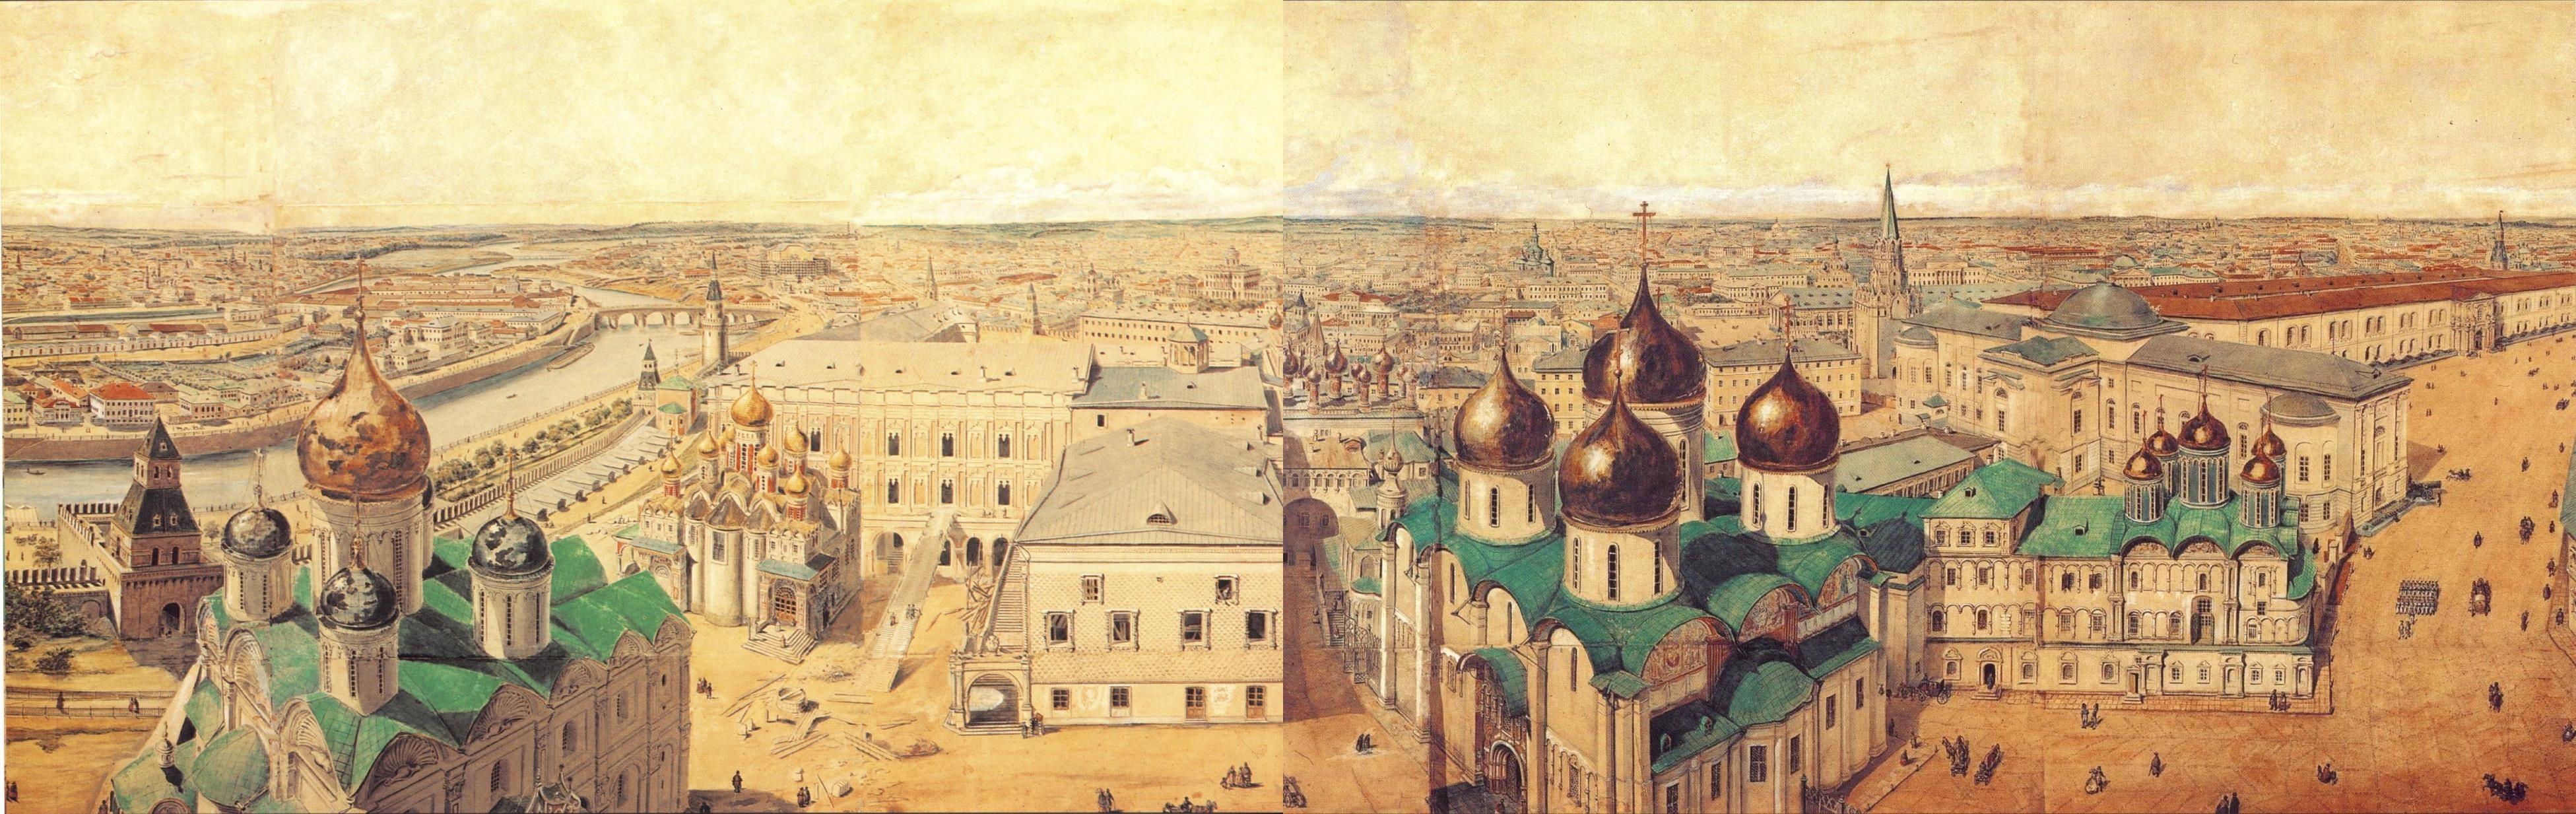 1845. Панорама Москвы и окрестностей.